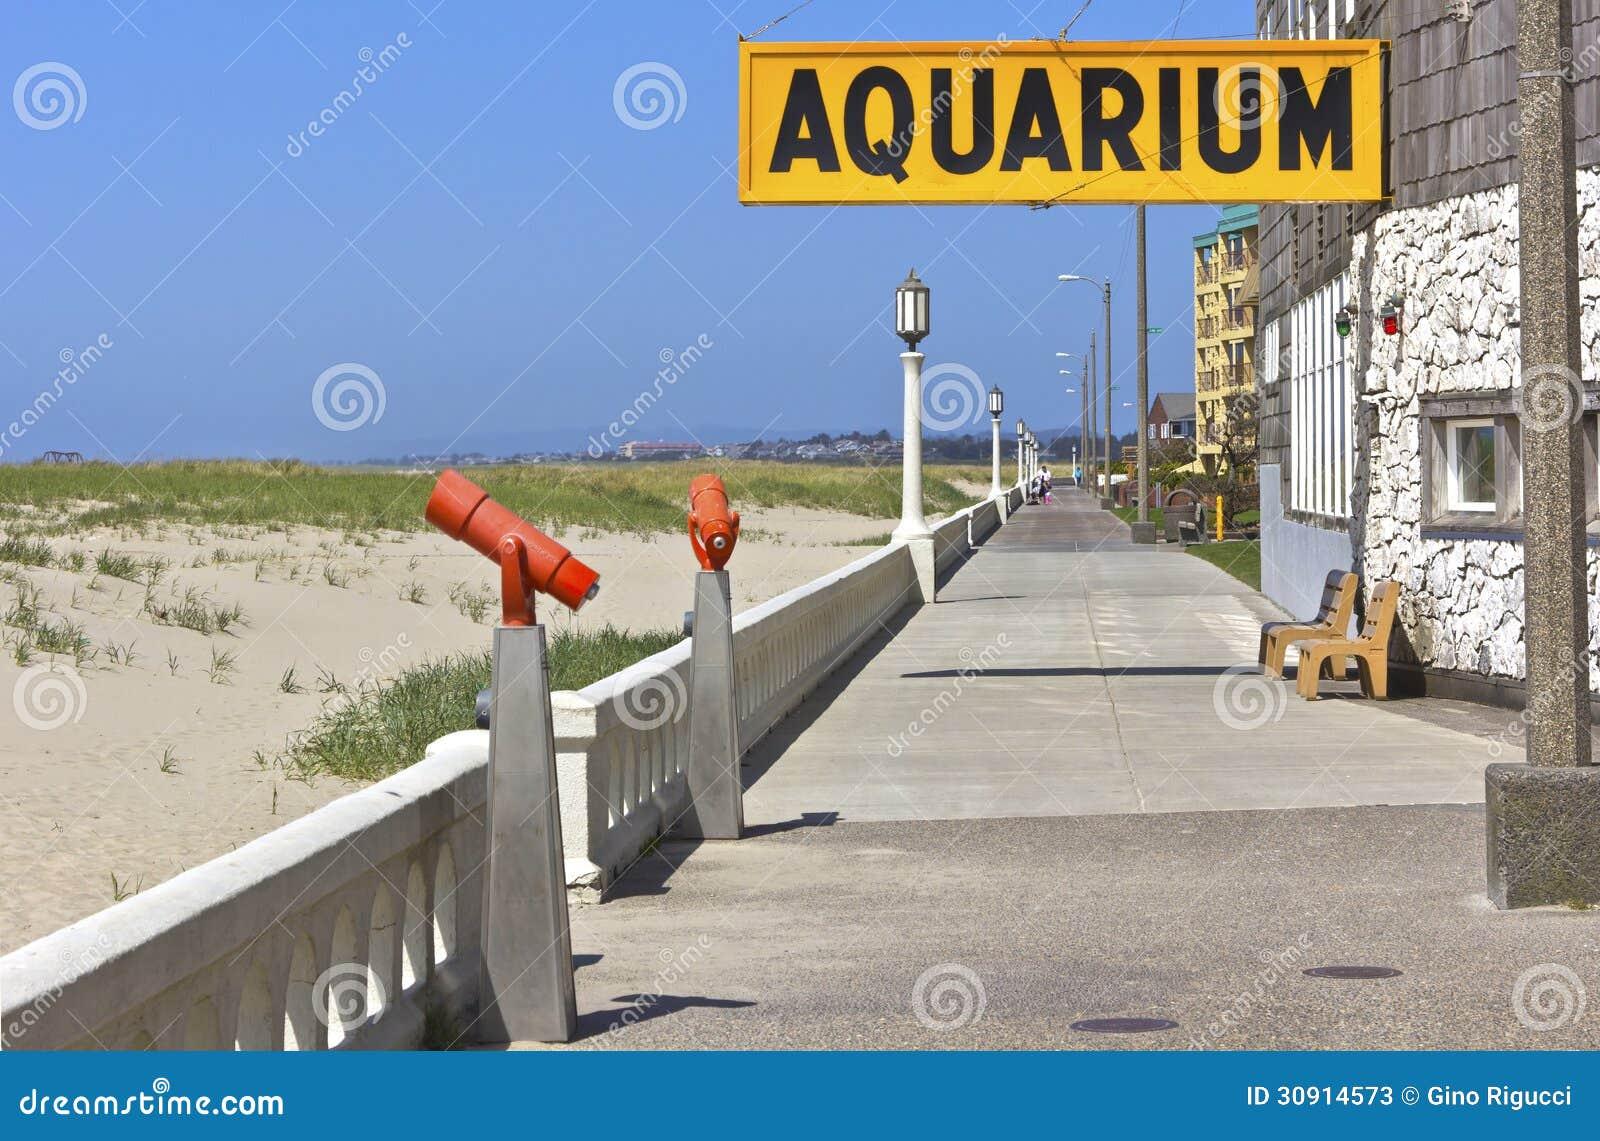 Aquarium Stores Near Me Aquarium Supplies in Maryland Fish Aquarium ...